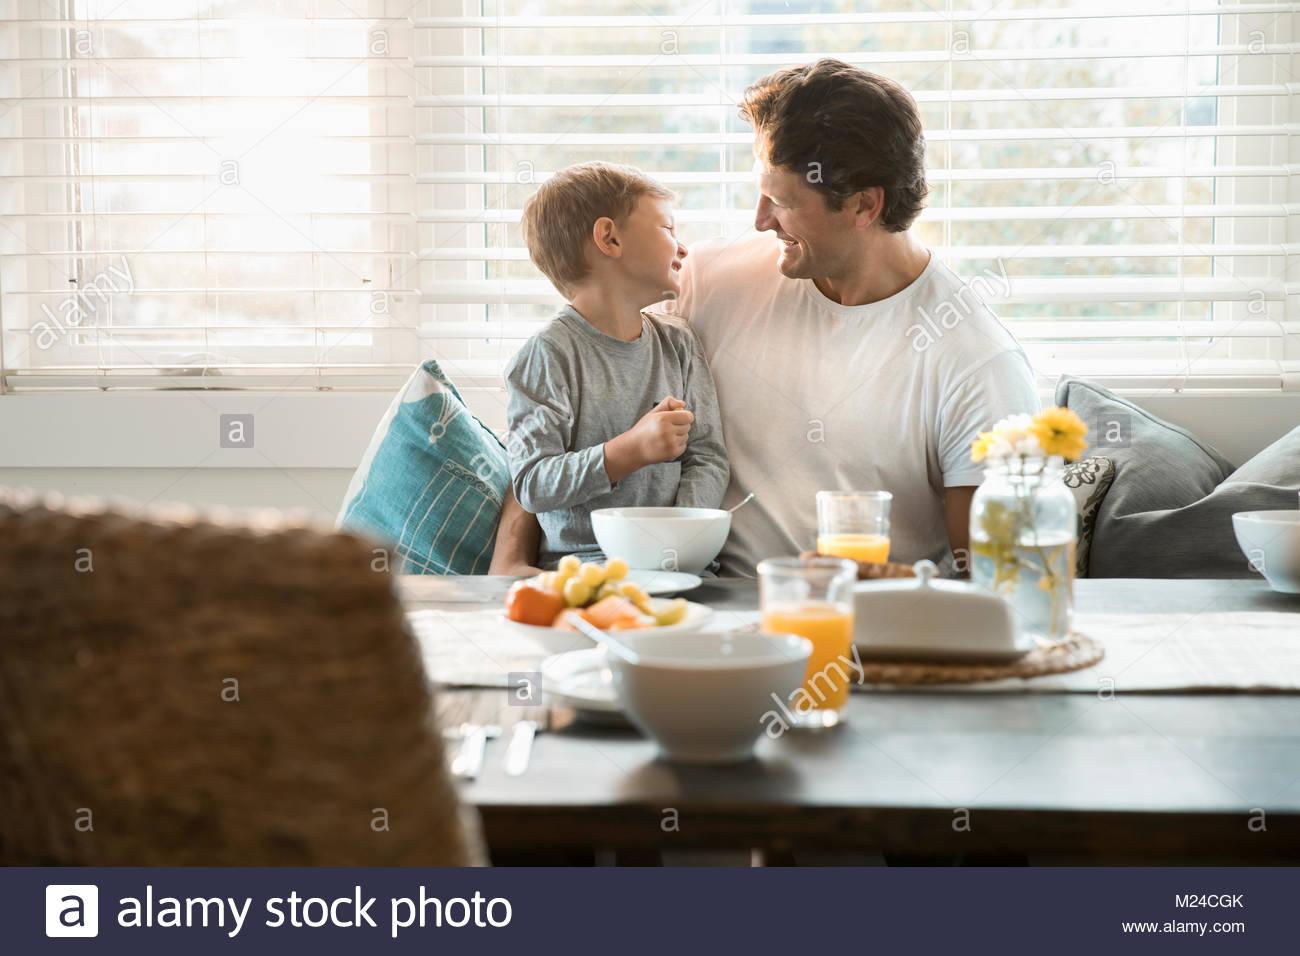 viana do castelo single parents De 19 a 21 de agosto realiza-se em viana do castelo mais uma  if you were single or  if you are from a generation that grew up with portuguese parents,.